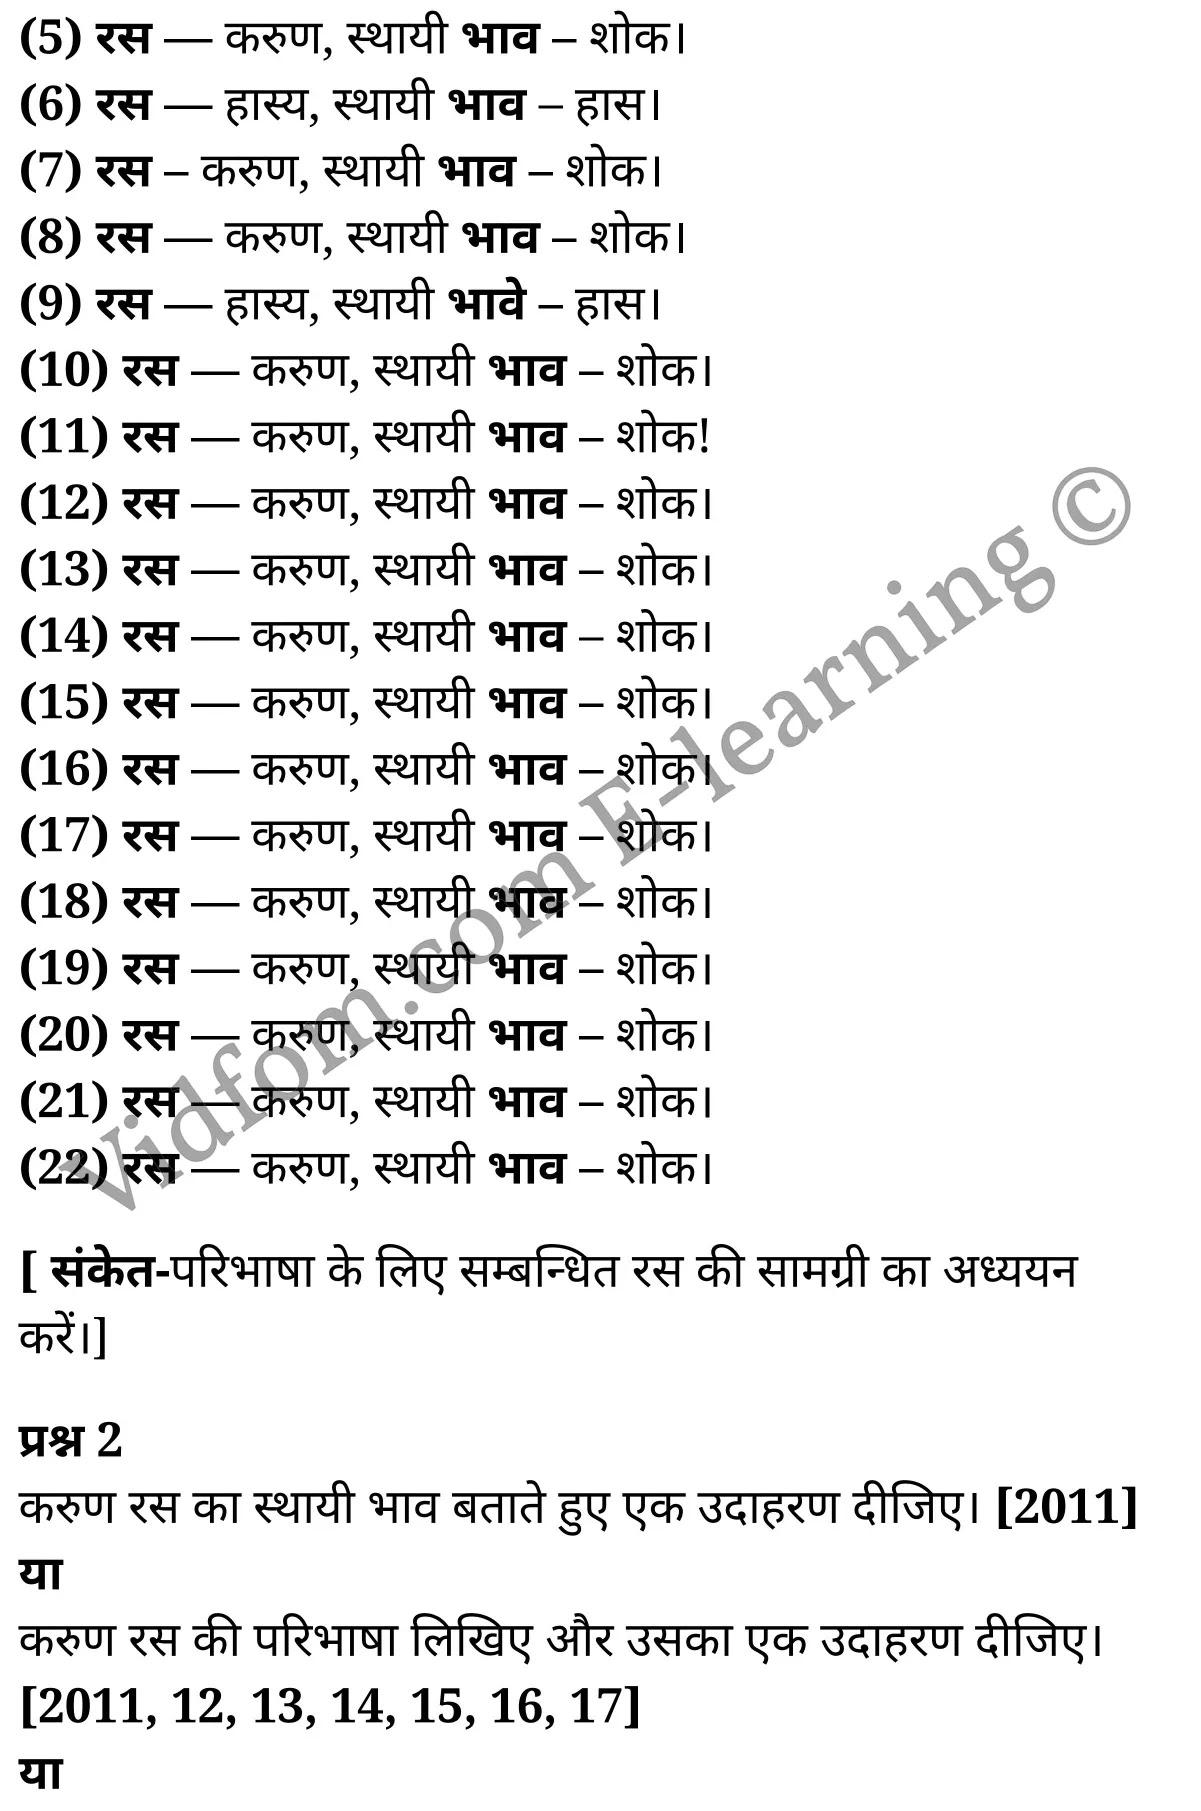 कक्षा 10 हिंदी  के नोट्स  हिंदी में एनसीईआरटी समाधान,    कक्षा 10 रस,  कक्षा 10 रस  के नोट्स हिंदी में,  कक्षा 10 रस प्रश्न उत्तर,  कक्षा 10 रस के नोट्स,  10 कक्षा रस  हिंदी में, कक्षा 10 रस  हिंदी में,  कक्षा 10 रस  महत्वपूर्ण प्रश्न हिंदी में, कक्षा 10 हिंदी के नोट्स  हिंदी में, रस हिंदी में कक्षा 10 नोट्स pdf,    रस हिंदी में  कक्षा 10 नोट्स 2021 ncert,   रस हिंदी  कक्षा 10 pdf,   रस हिंदी में  पुस्तक,   रस हिंदी में की बुक,   रस हिंदी में  प्रश्नोत्तरी class 10 ,  10   वीं रस  पुस्तक up board,   बिहार बोर्ड 10  पुस्तक वीं रस नोट्स,    रस  कक्षा 10 नोट्स 2021 ncert,   रस  कक्षा 10 pdf,   रस  पुस्तक,   रस की बुक,   रस प्रश्नोत्तरी class 10,   10  th class 10 Hindi khand kaavya Chapter 9  book up board,   up board 10  th class 10 Hindi khand kaavya Chapter 9 notes,  class 10 Hindi,   class 10 Hindi ncert solutions in Hindi,   class 10 Hindi notes in hindi,   class 10 Hindi question answer,   class 10 Hindi notes,  class 10 Hindi class 10 Hindi khand kaavya Chapter 9 in  hindi,    class 10 Hindi important questions in  hindi,   class 10 Hindi notes in hindi,    class 10 Hindi test,  class 10 Hindi class 10 Hindi khand kaavya Chapter 9 pdf,   class 10 Hindi notes pdf,   class 10 Hindi exercise solutions,   class 10 Hindi,  class 10 Hindi notes study rankers,   class 10 Hindi notes,  class 10 Hindi notes,   class 10 Hindi  class 10  notes pdf,   class 10 Hindi class 10  notes  ncert,   class 10 Hindi class 10 pdf,   class 10 Hindi  book,  class 10 Hindi quiz class 10  ,  10  th class 10 Hindi    book up board,    up board 10  th class 10 Hindi notes,      कक्षा 10   हिंदी के नोट्स  हिंदी में, हिंदी हिंदी में कक्षा 10 नोट्स pdf,    हिंदी हिंदी में  कक्षा 10 नोट्स 2021 ncert,   हिंदी हिंदी  कक्षा 10 pdf,   हिंदी हिंदी में  पुस्तक,   हिंदी हिंदी में की बुक,   हिंदी हिंदी में  प्रश्नोत्तरी class 10 ,  बिहार बोर्ड 10  पुस्तक वीं हिंदी नोट्स,    हिंदी  कक्षा 10 नोट्स 2021 ncert,   हिंदी  कक्षा 10 pdf,   हिंदी  पुस्तक,   हिंदी  प्रश्नोत्तरी class 10, कक्षा 10 हिंदी,  कक्षा 1